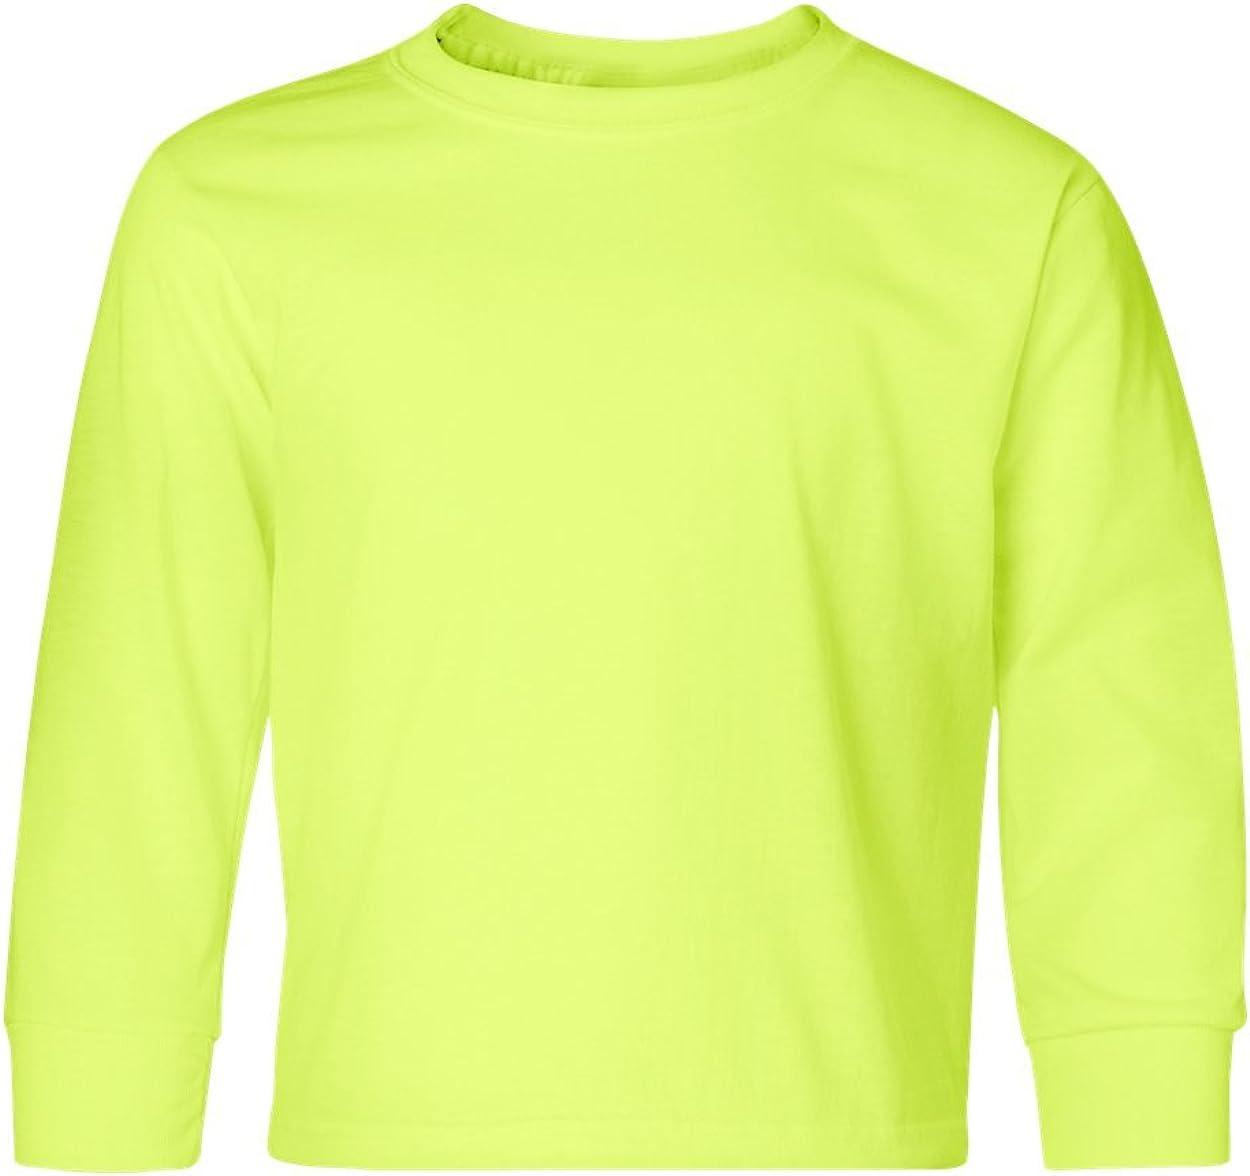 Jerzees Heavyweight Blend Long-Sleeve T-Shirt (29BL) Safety Green, L